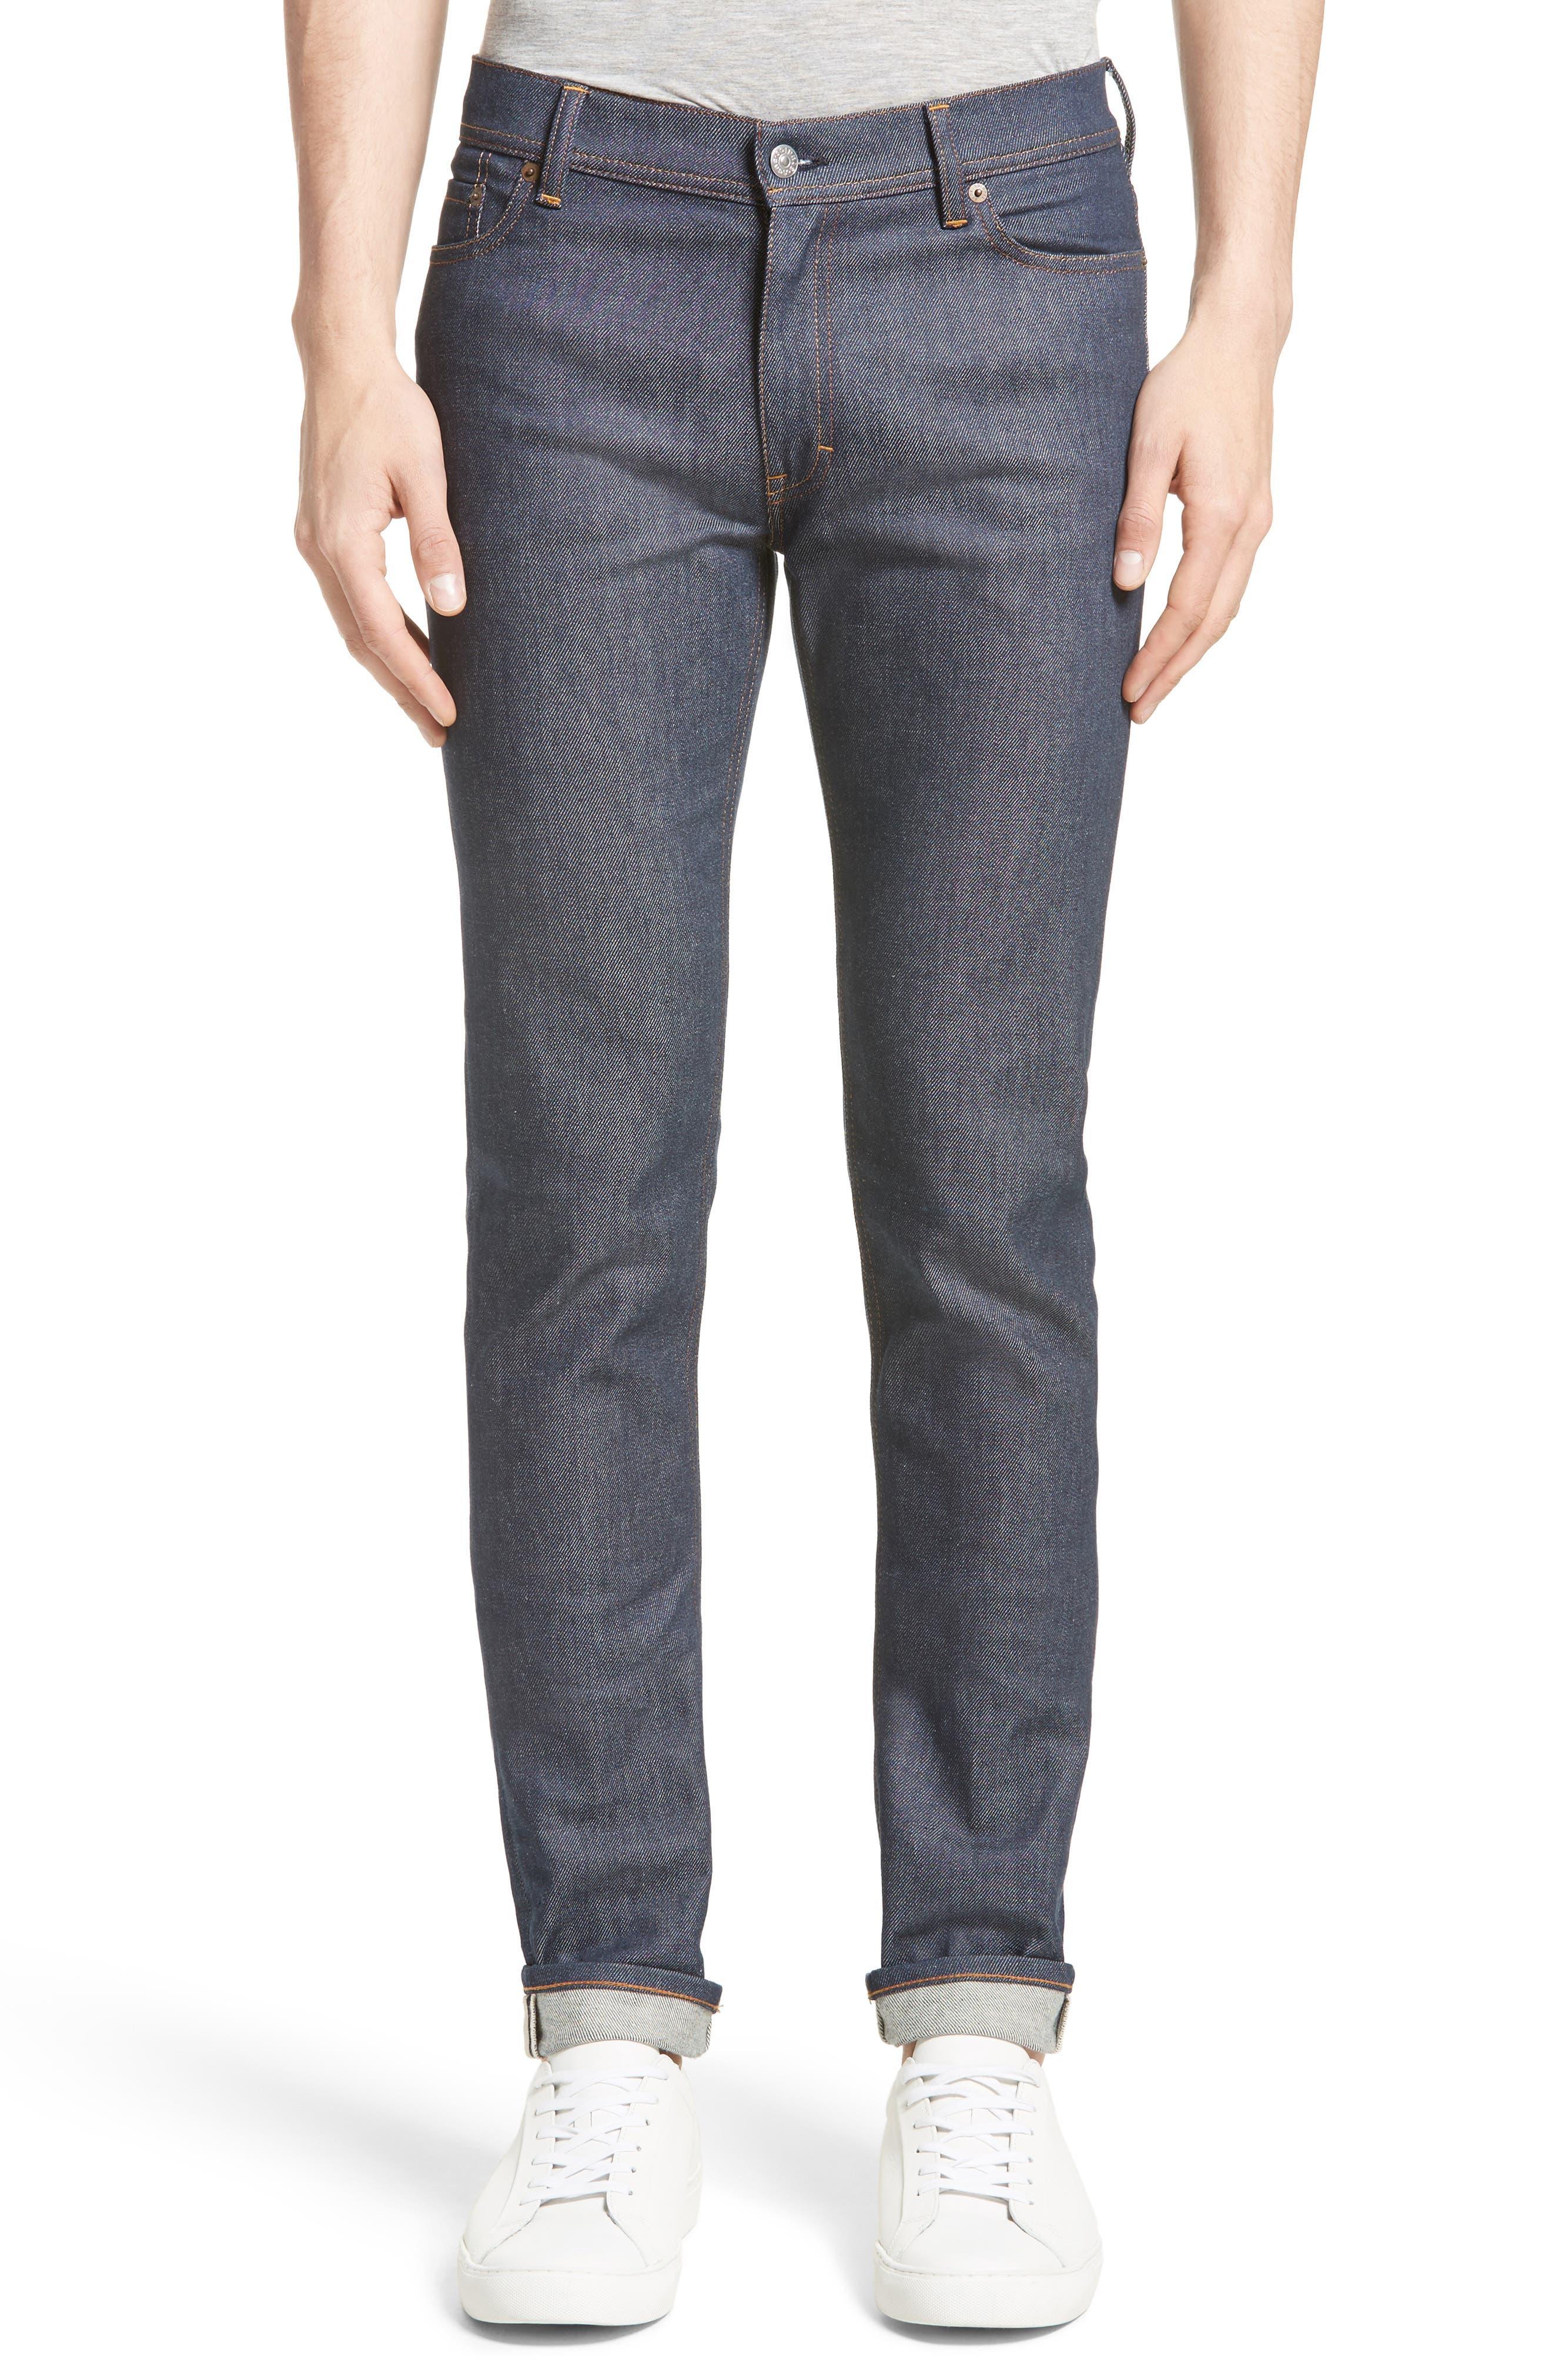 North Skinny Jeans,                             Main thumbnail 1, color,                             INDIGO